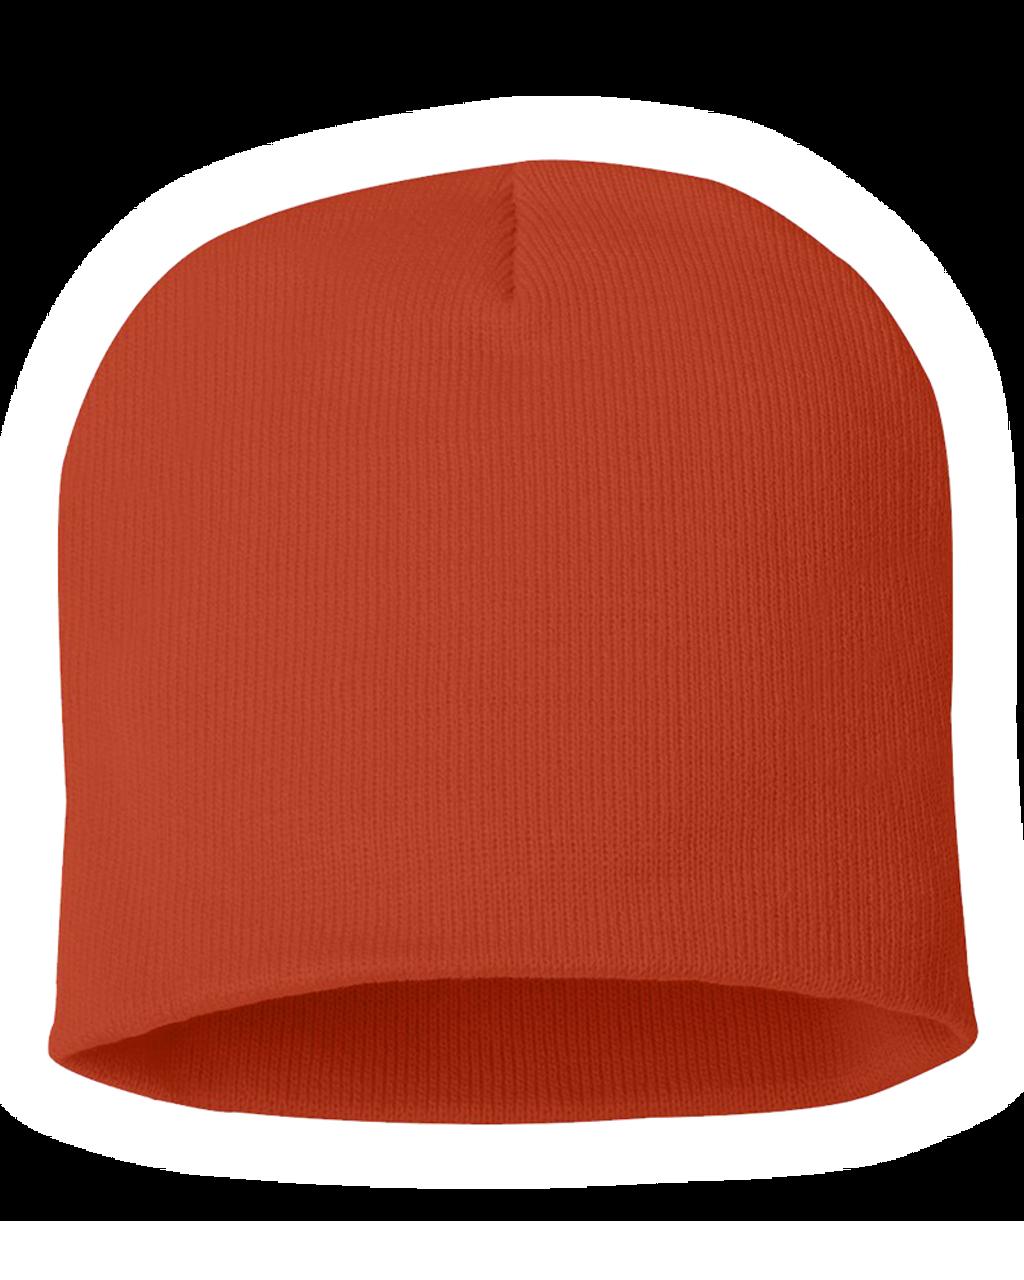 SP08 in Orange